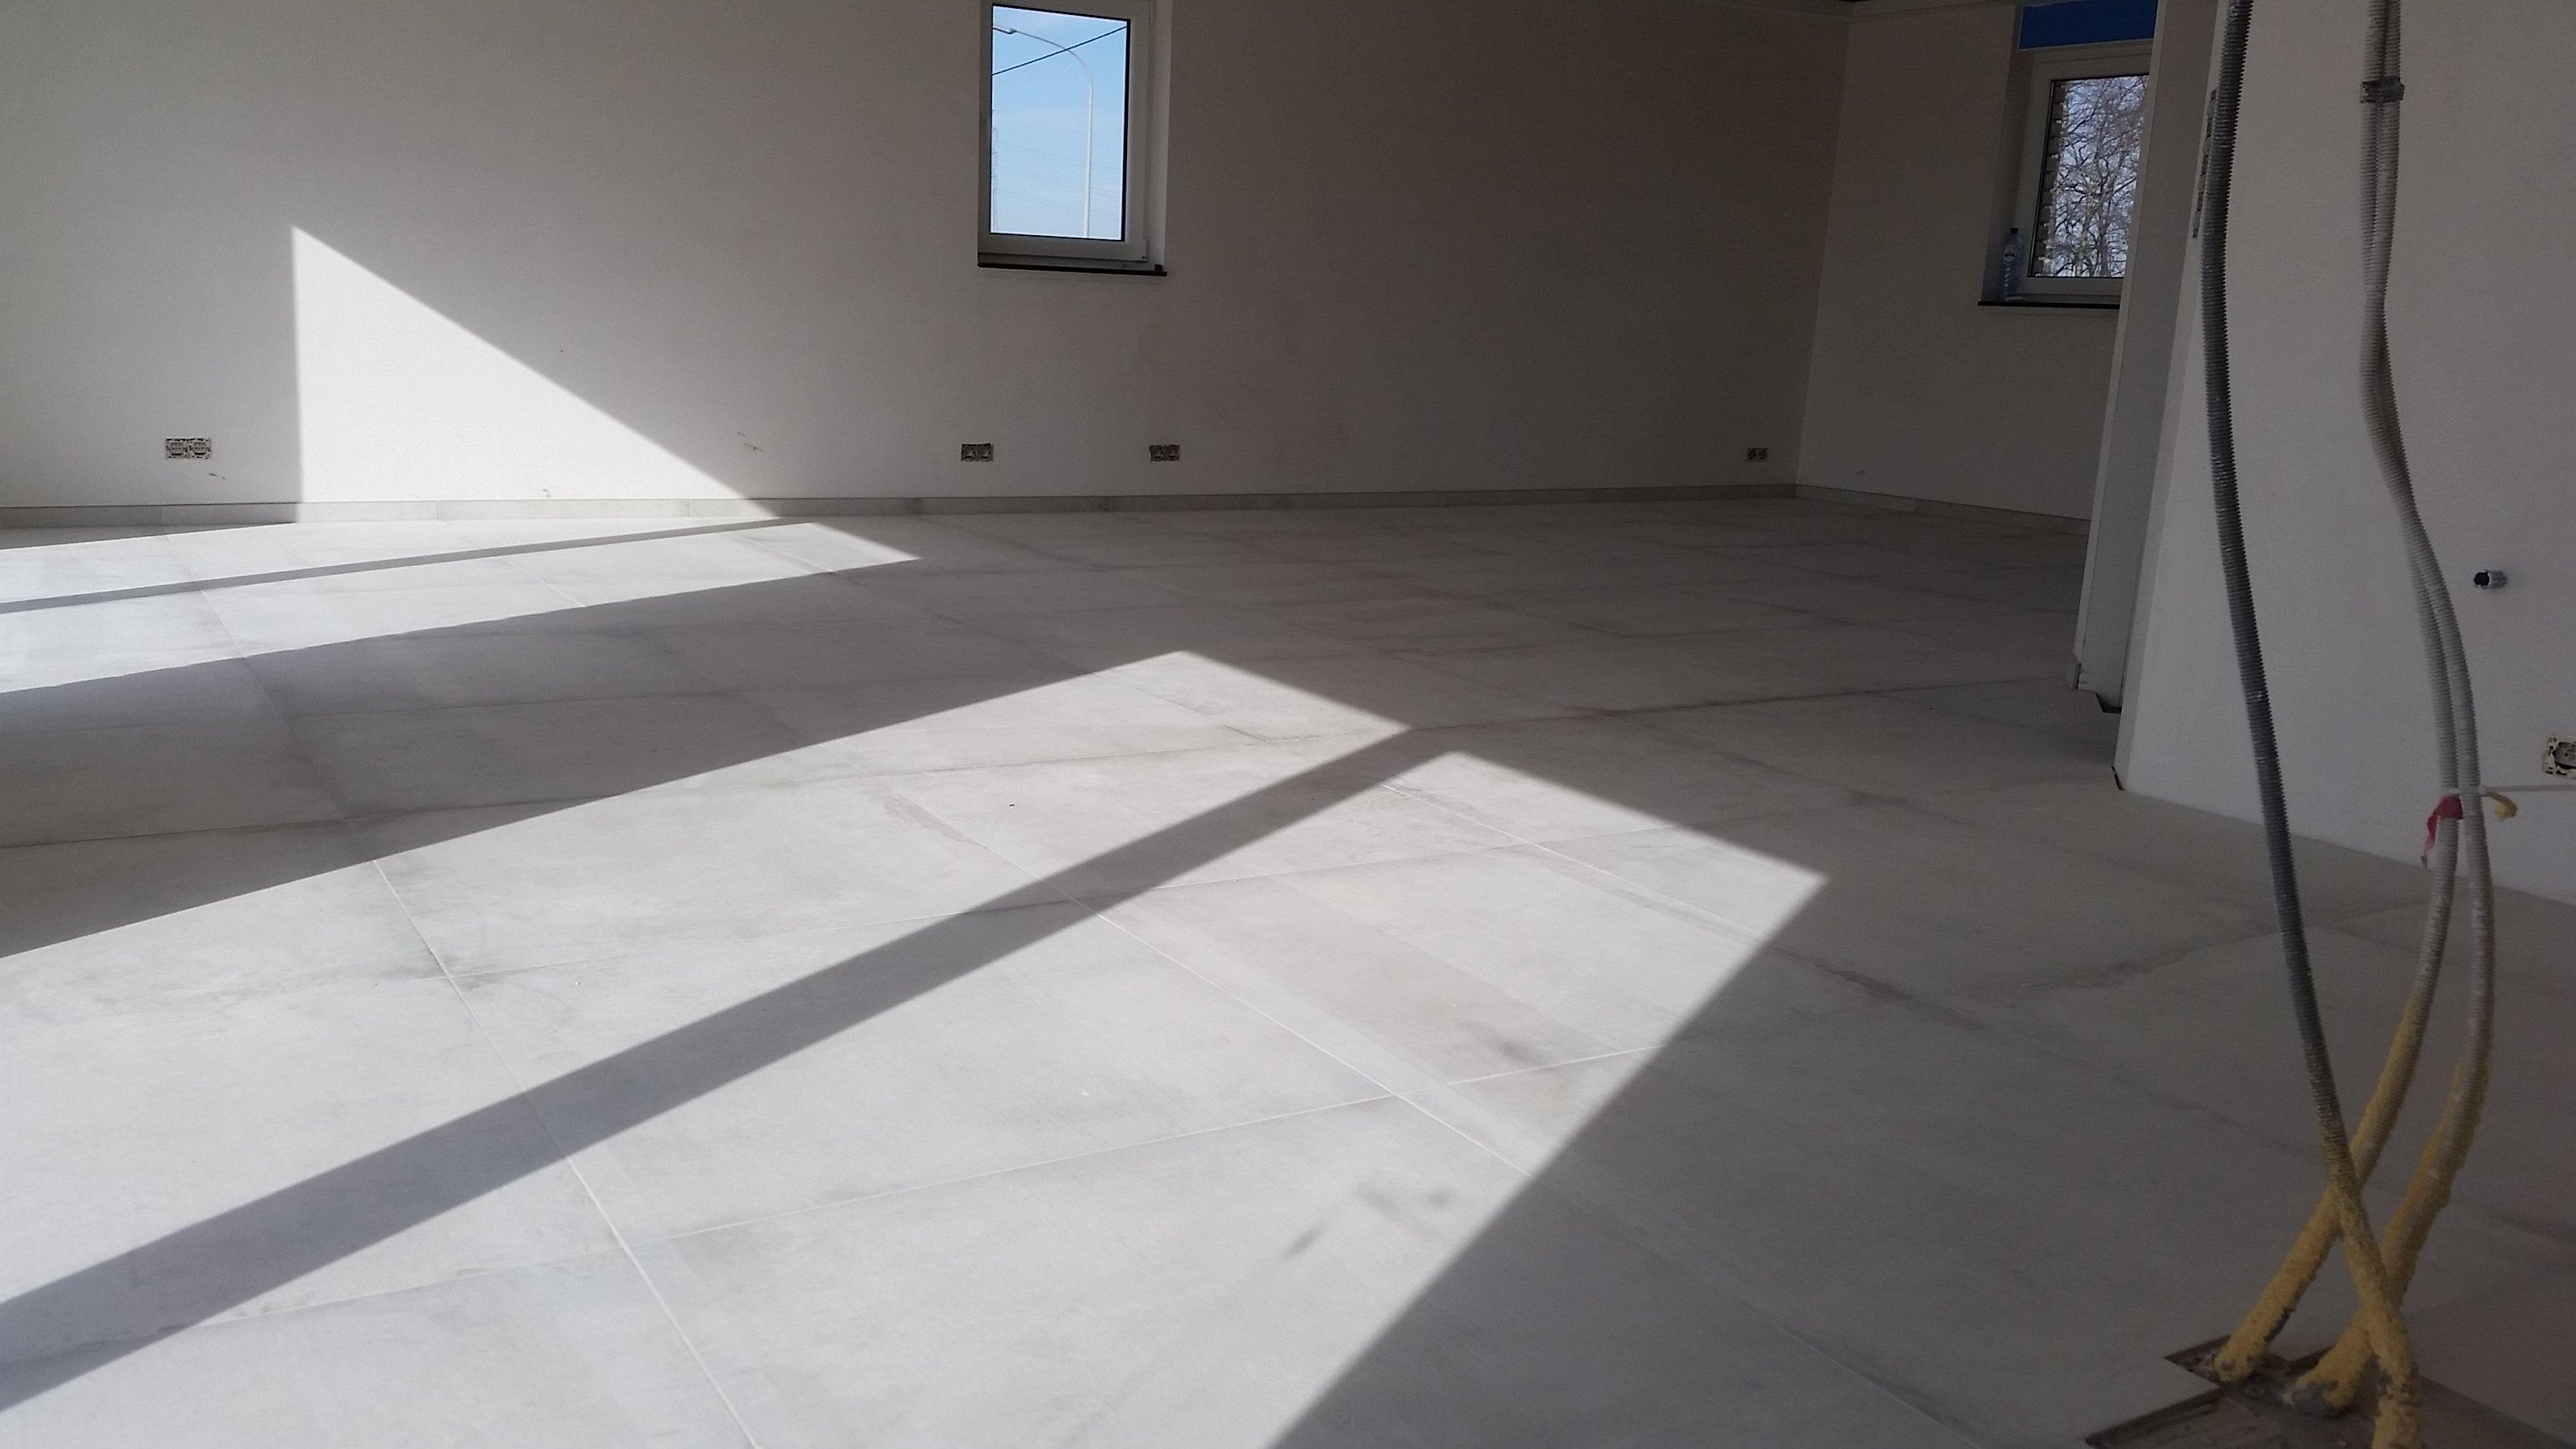 Carrelage Sol Interieur Renovation travaux d'intérieur